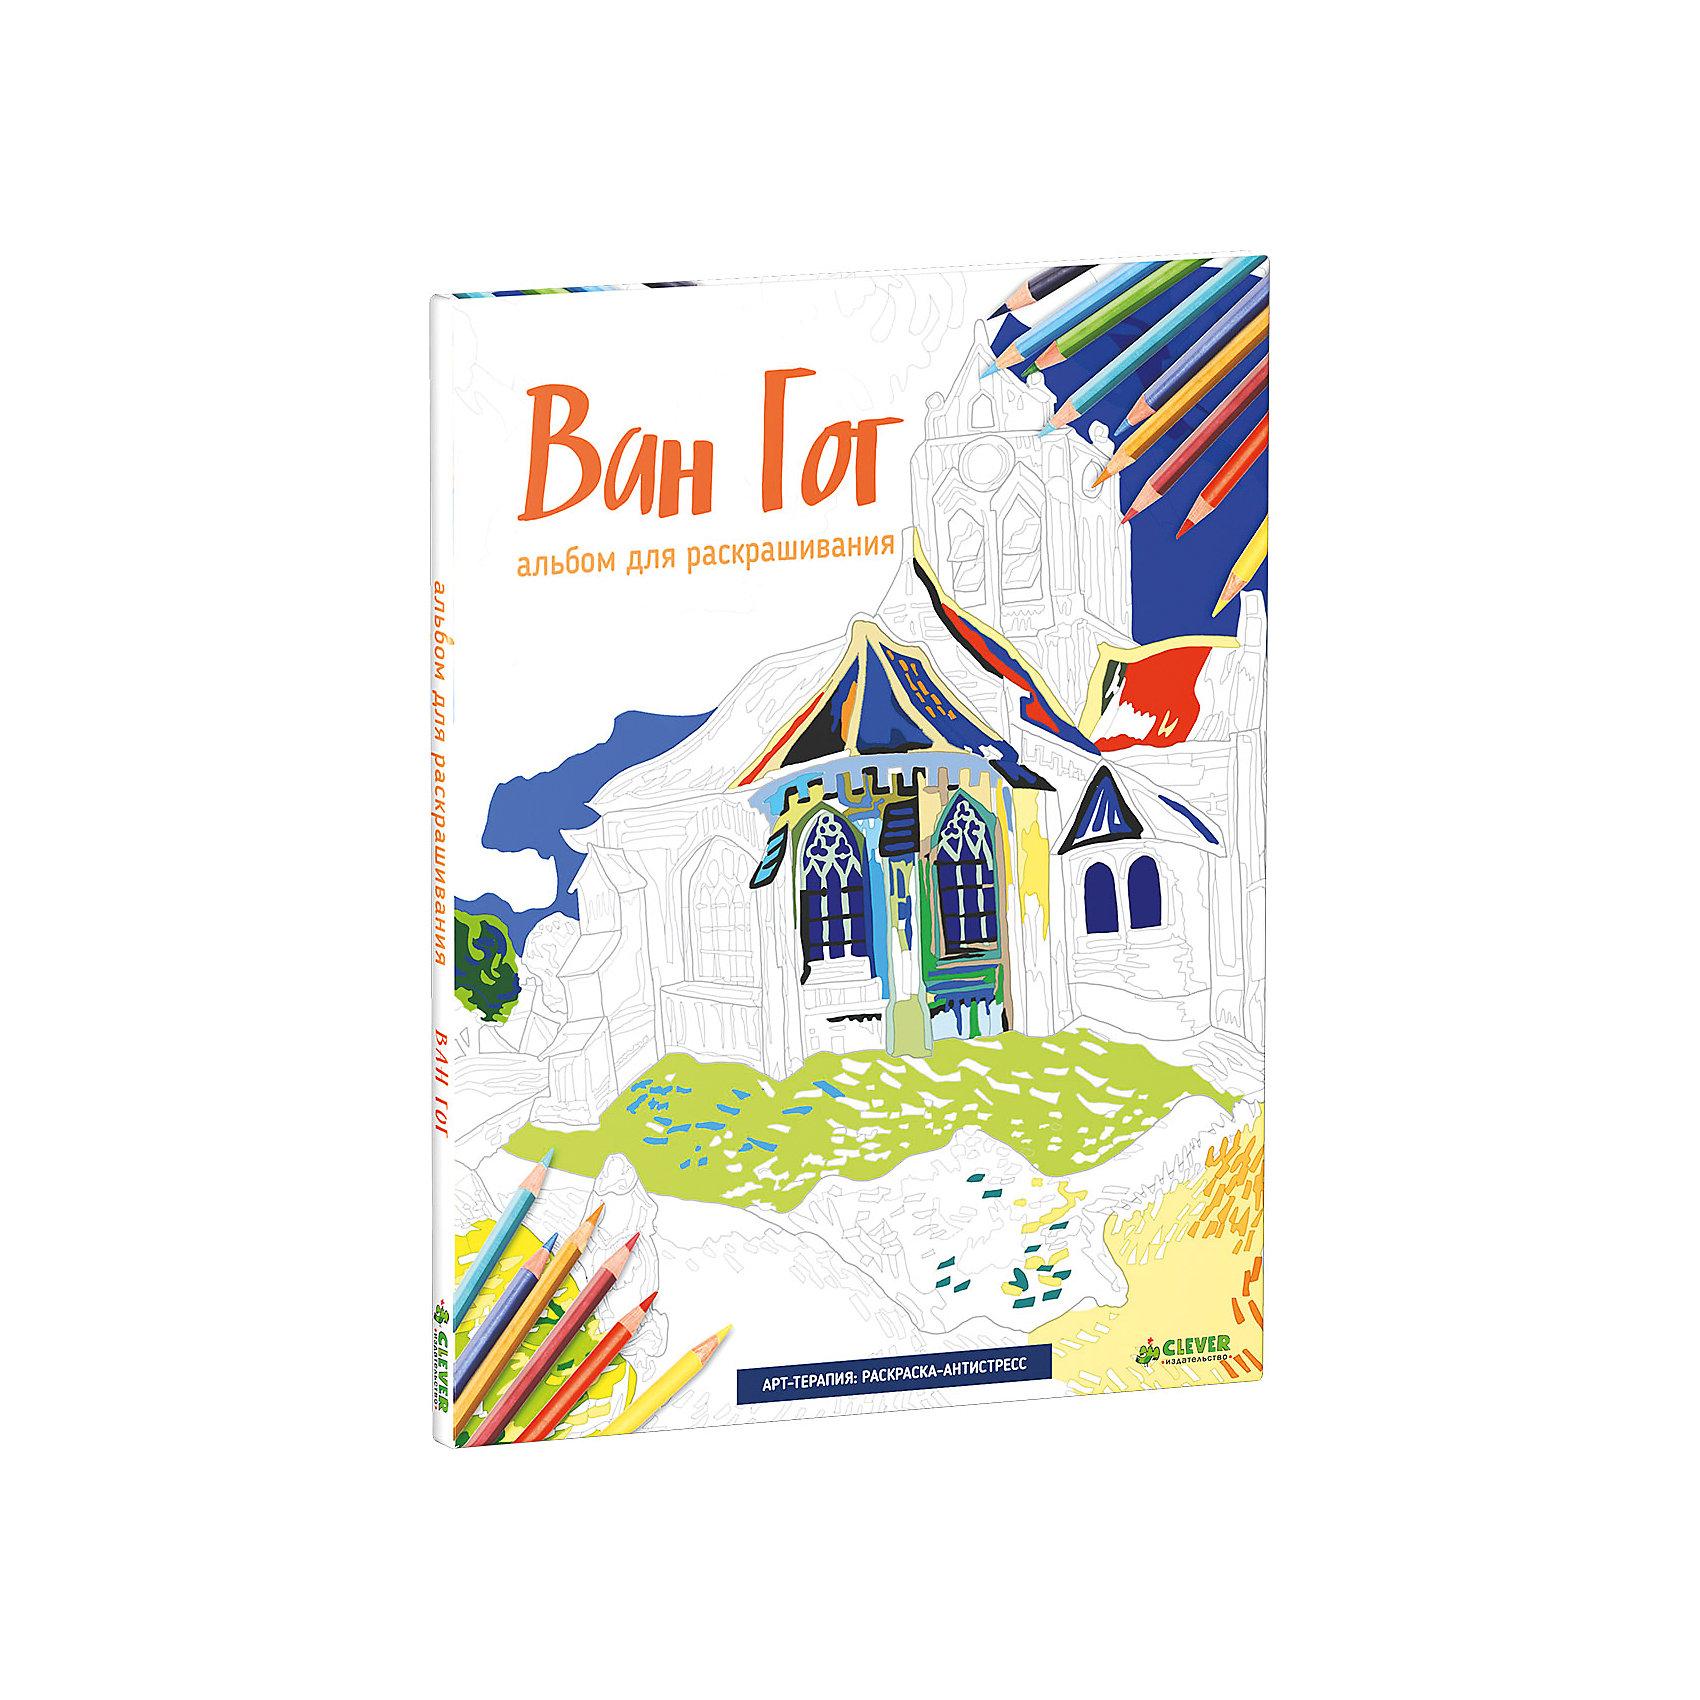 Clever Альбом для раскрашивания Ван Гог блокнот в пластиковой обложке ван гог цветущие ветки миндаля формат малый 64 страницы арте